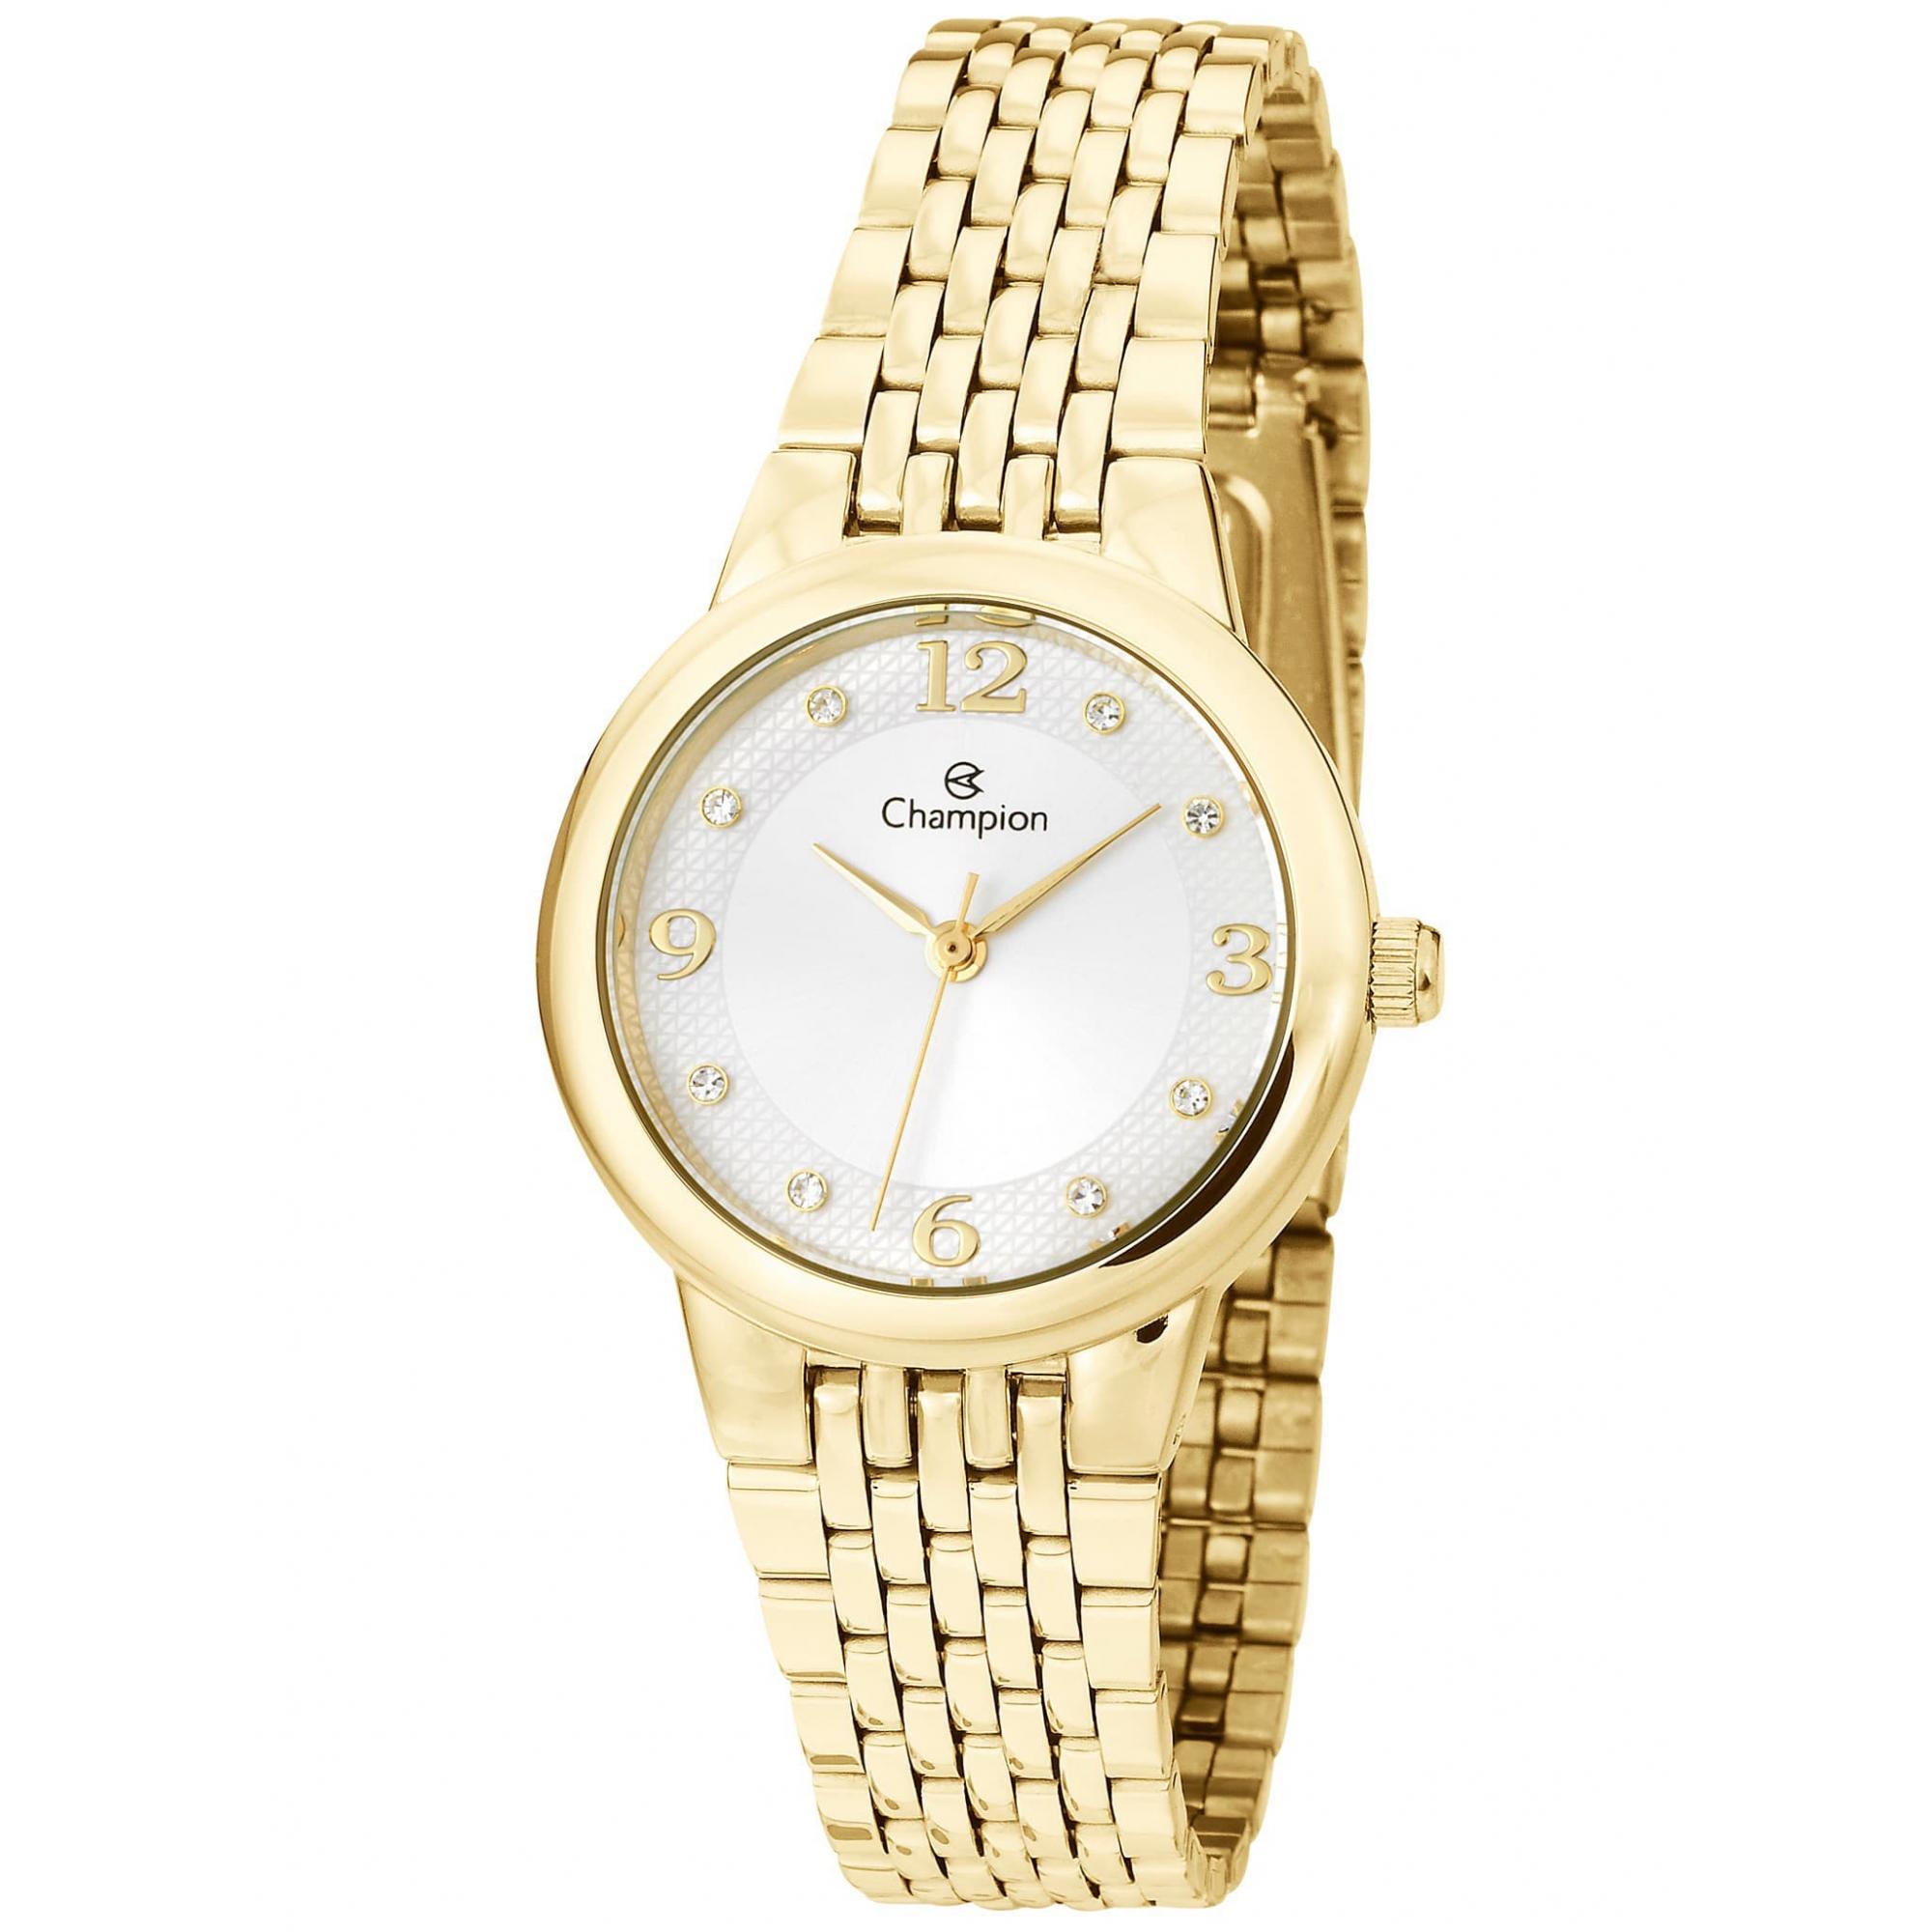 Relógio Champion Feminino Dourado - CH24857B